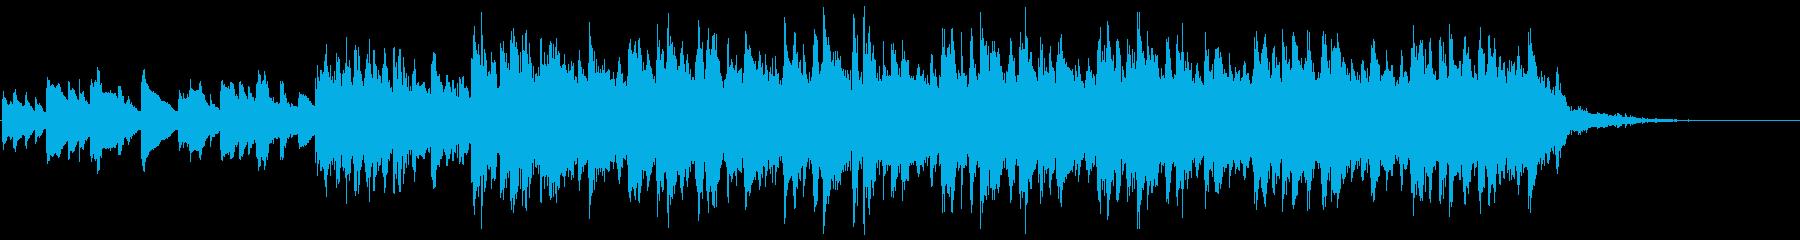 アラブ系エスニックサウンドの再生済みの波形